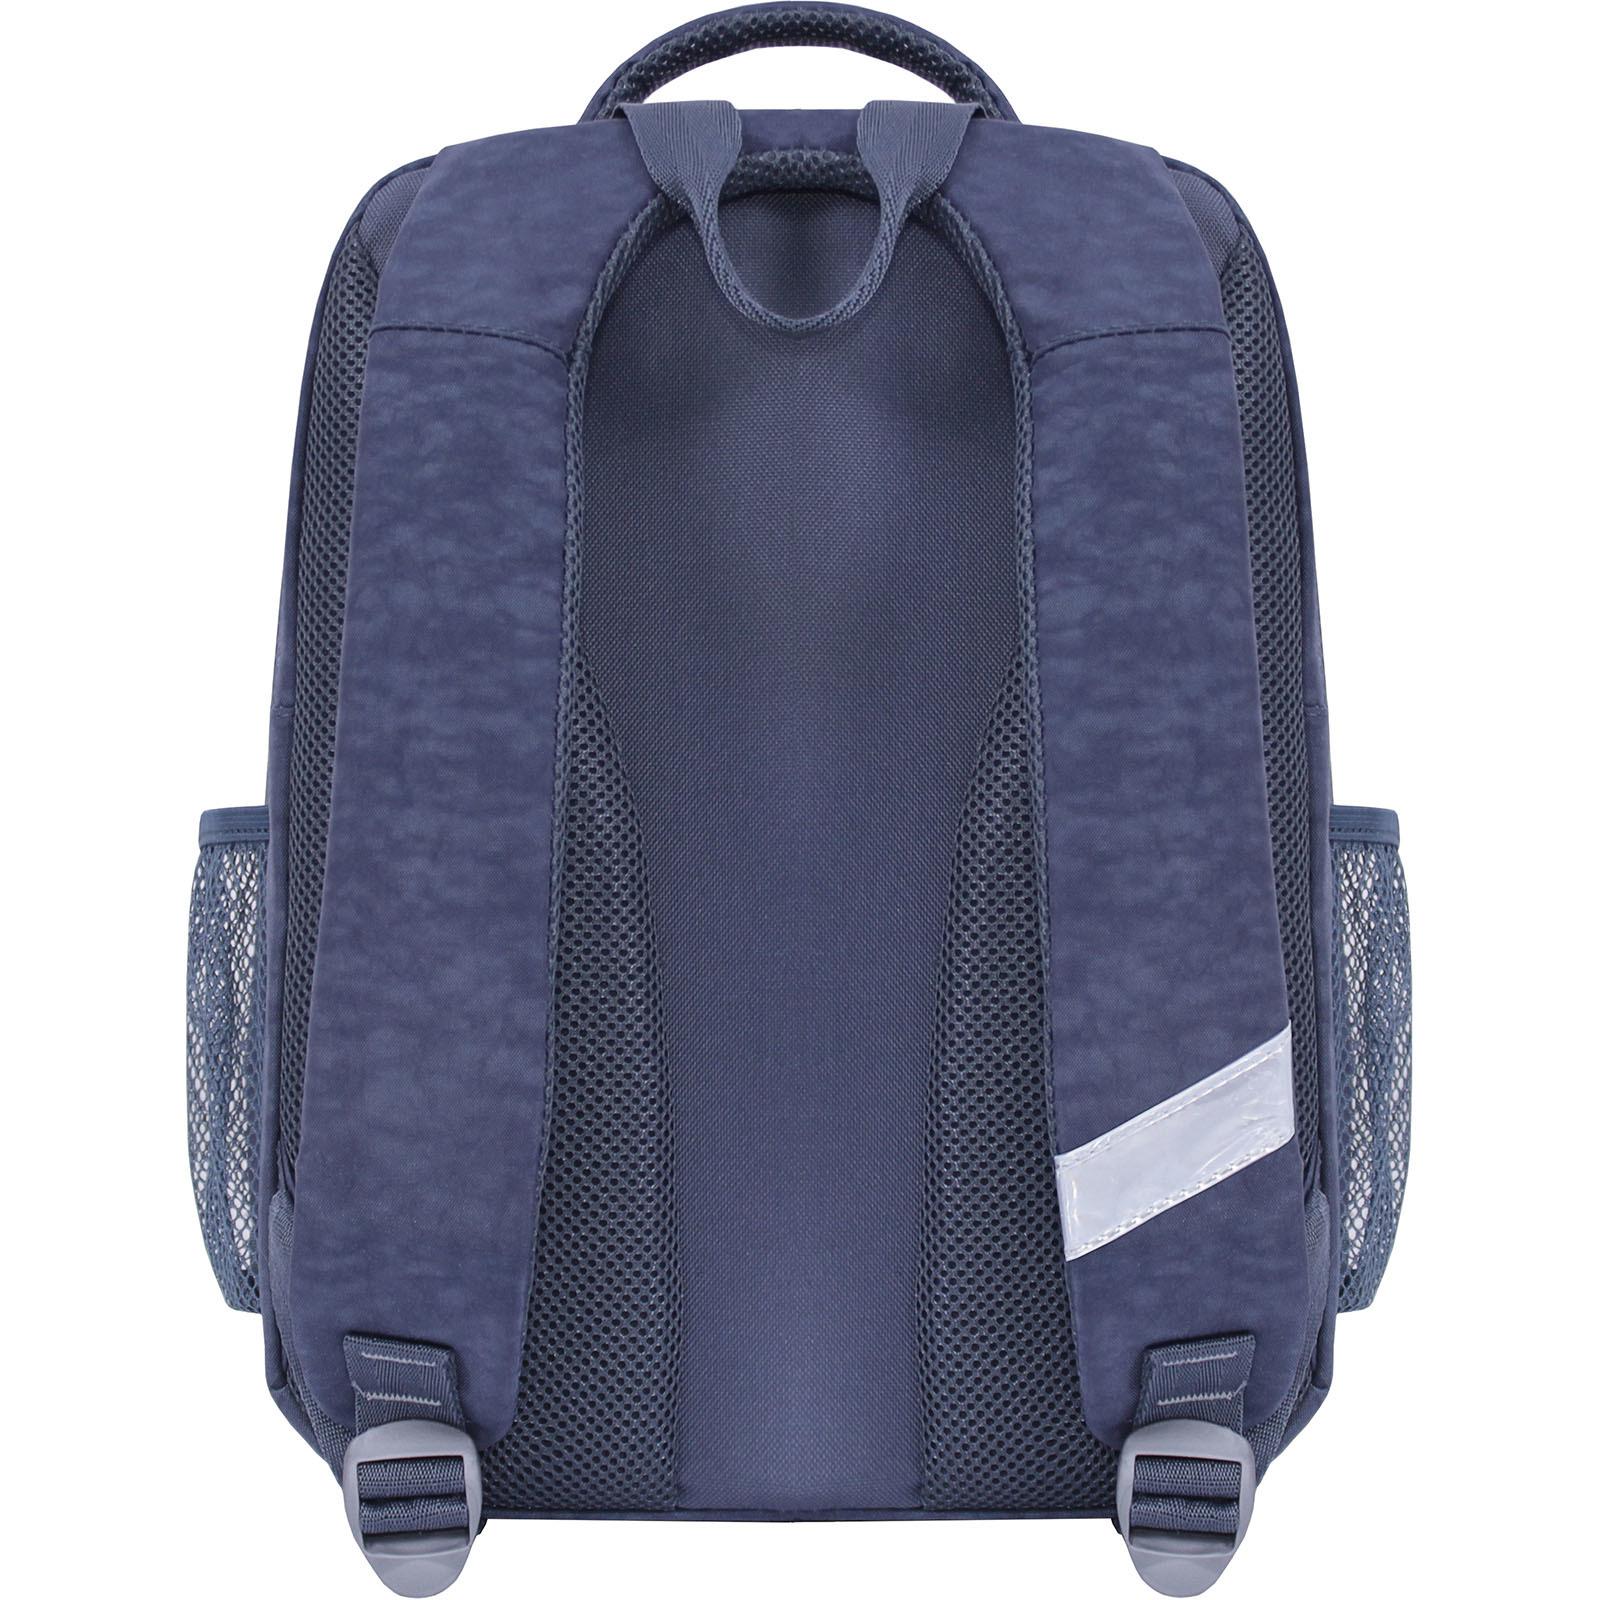 Рюкзак школьный Bagland Школьник 8 л. 321 серый 511 (0012870) фото 3